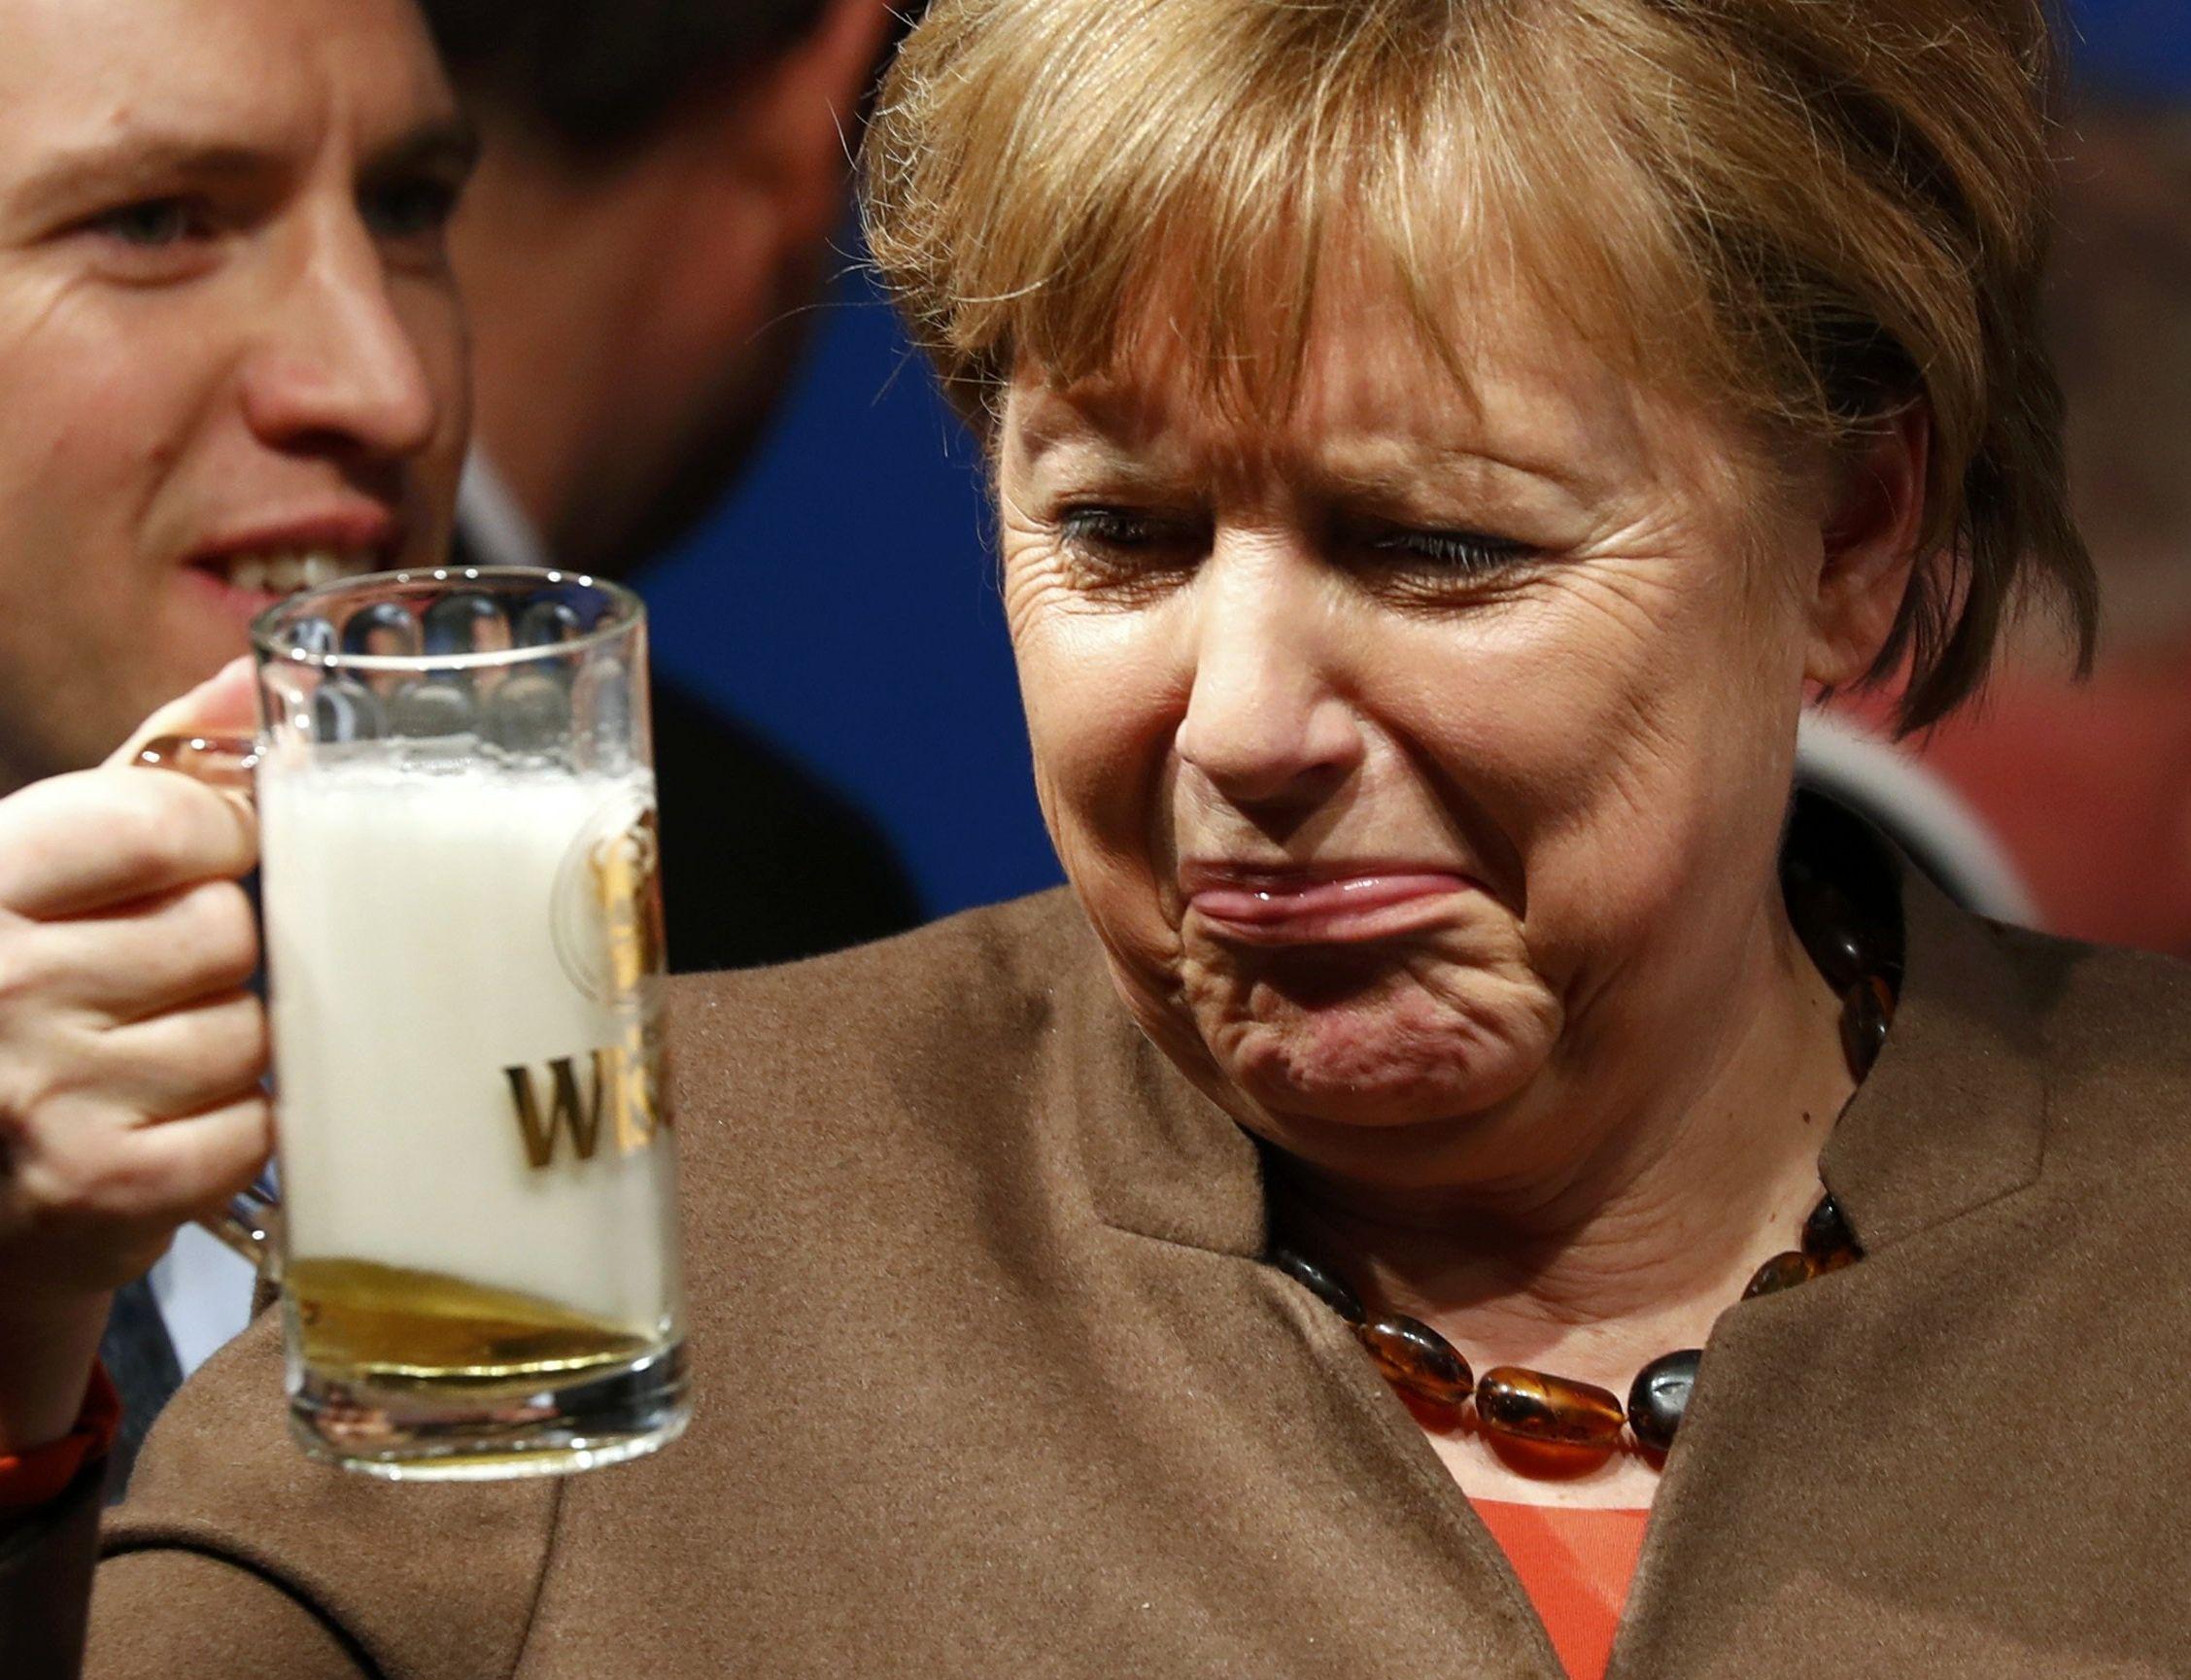 Федеральный канцлер Германии Ангела Меркель во время встречи 29 февраля со сторонниками по партии в городе Фолькмарзене выпила пива.